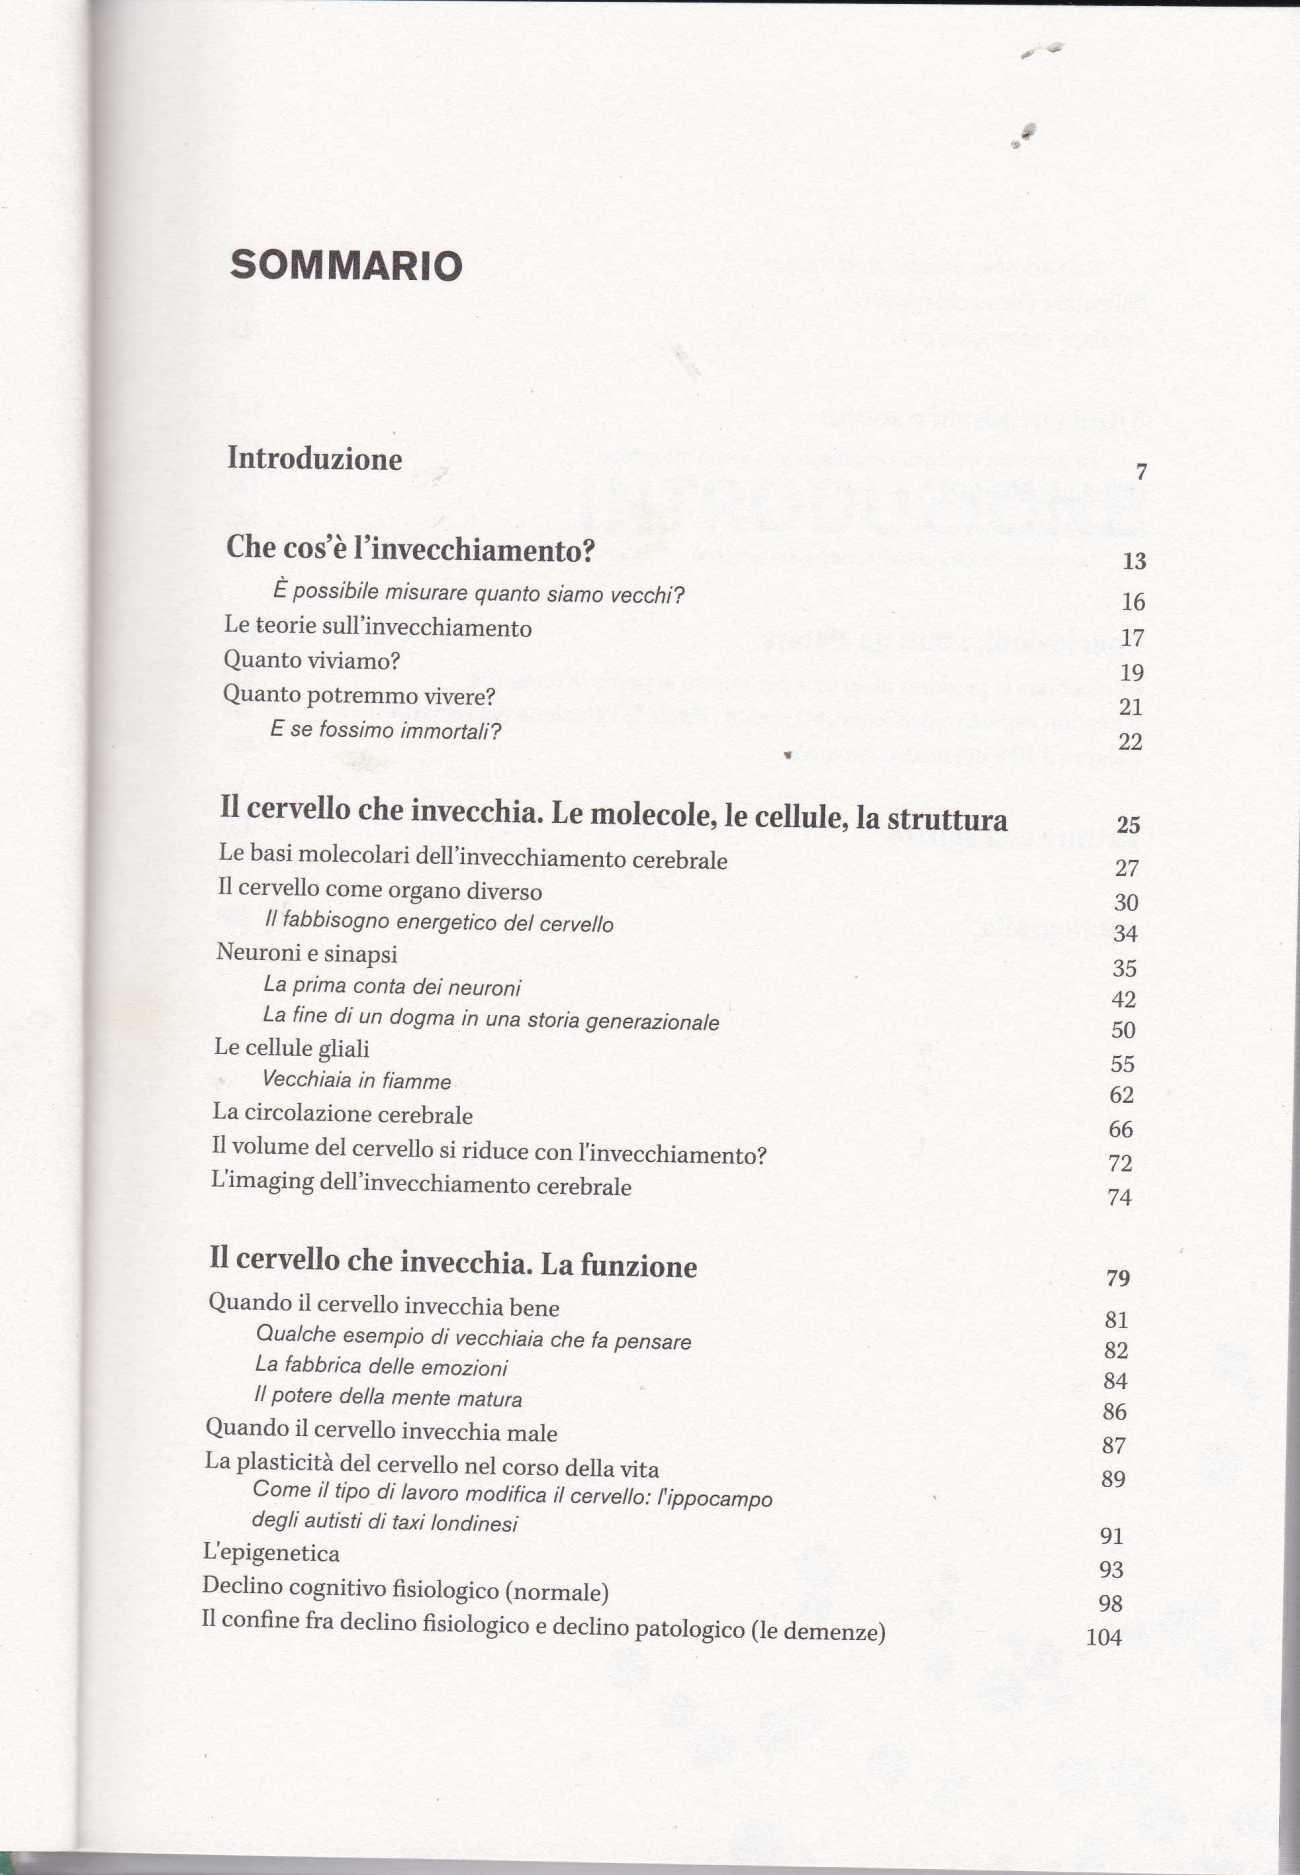 CERVELLO INVECCHIA3418